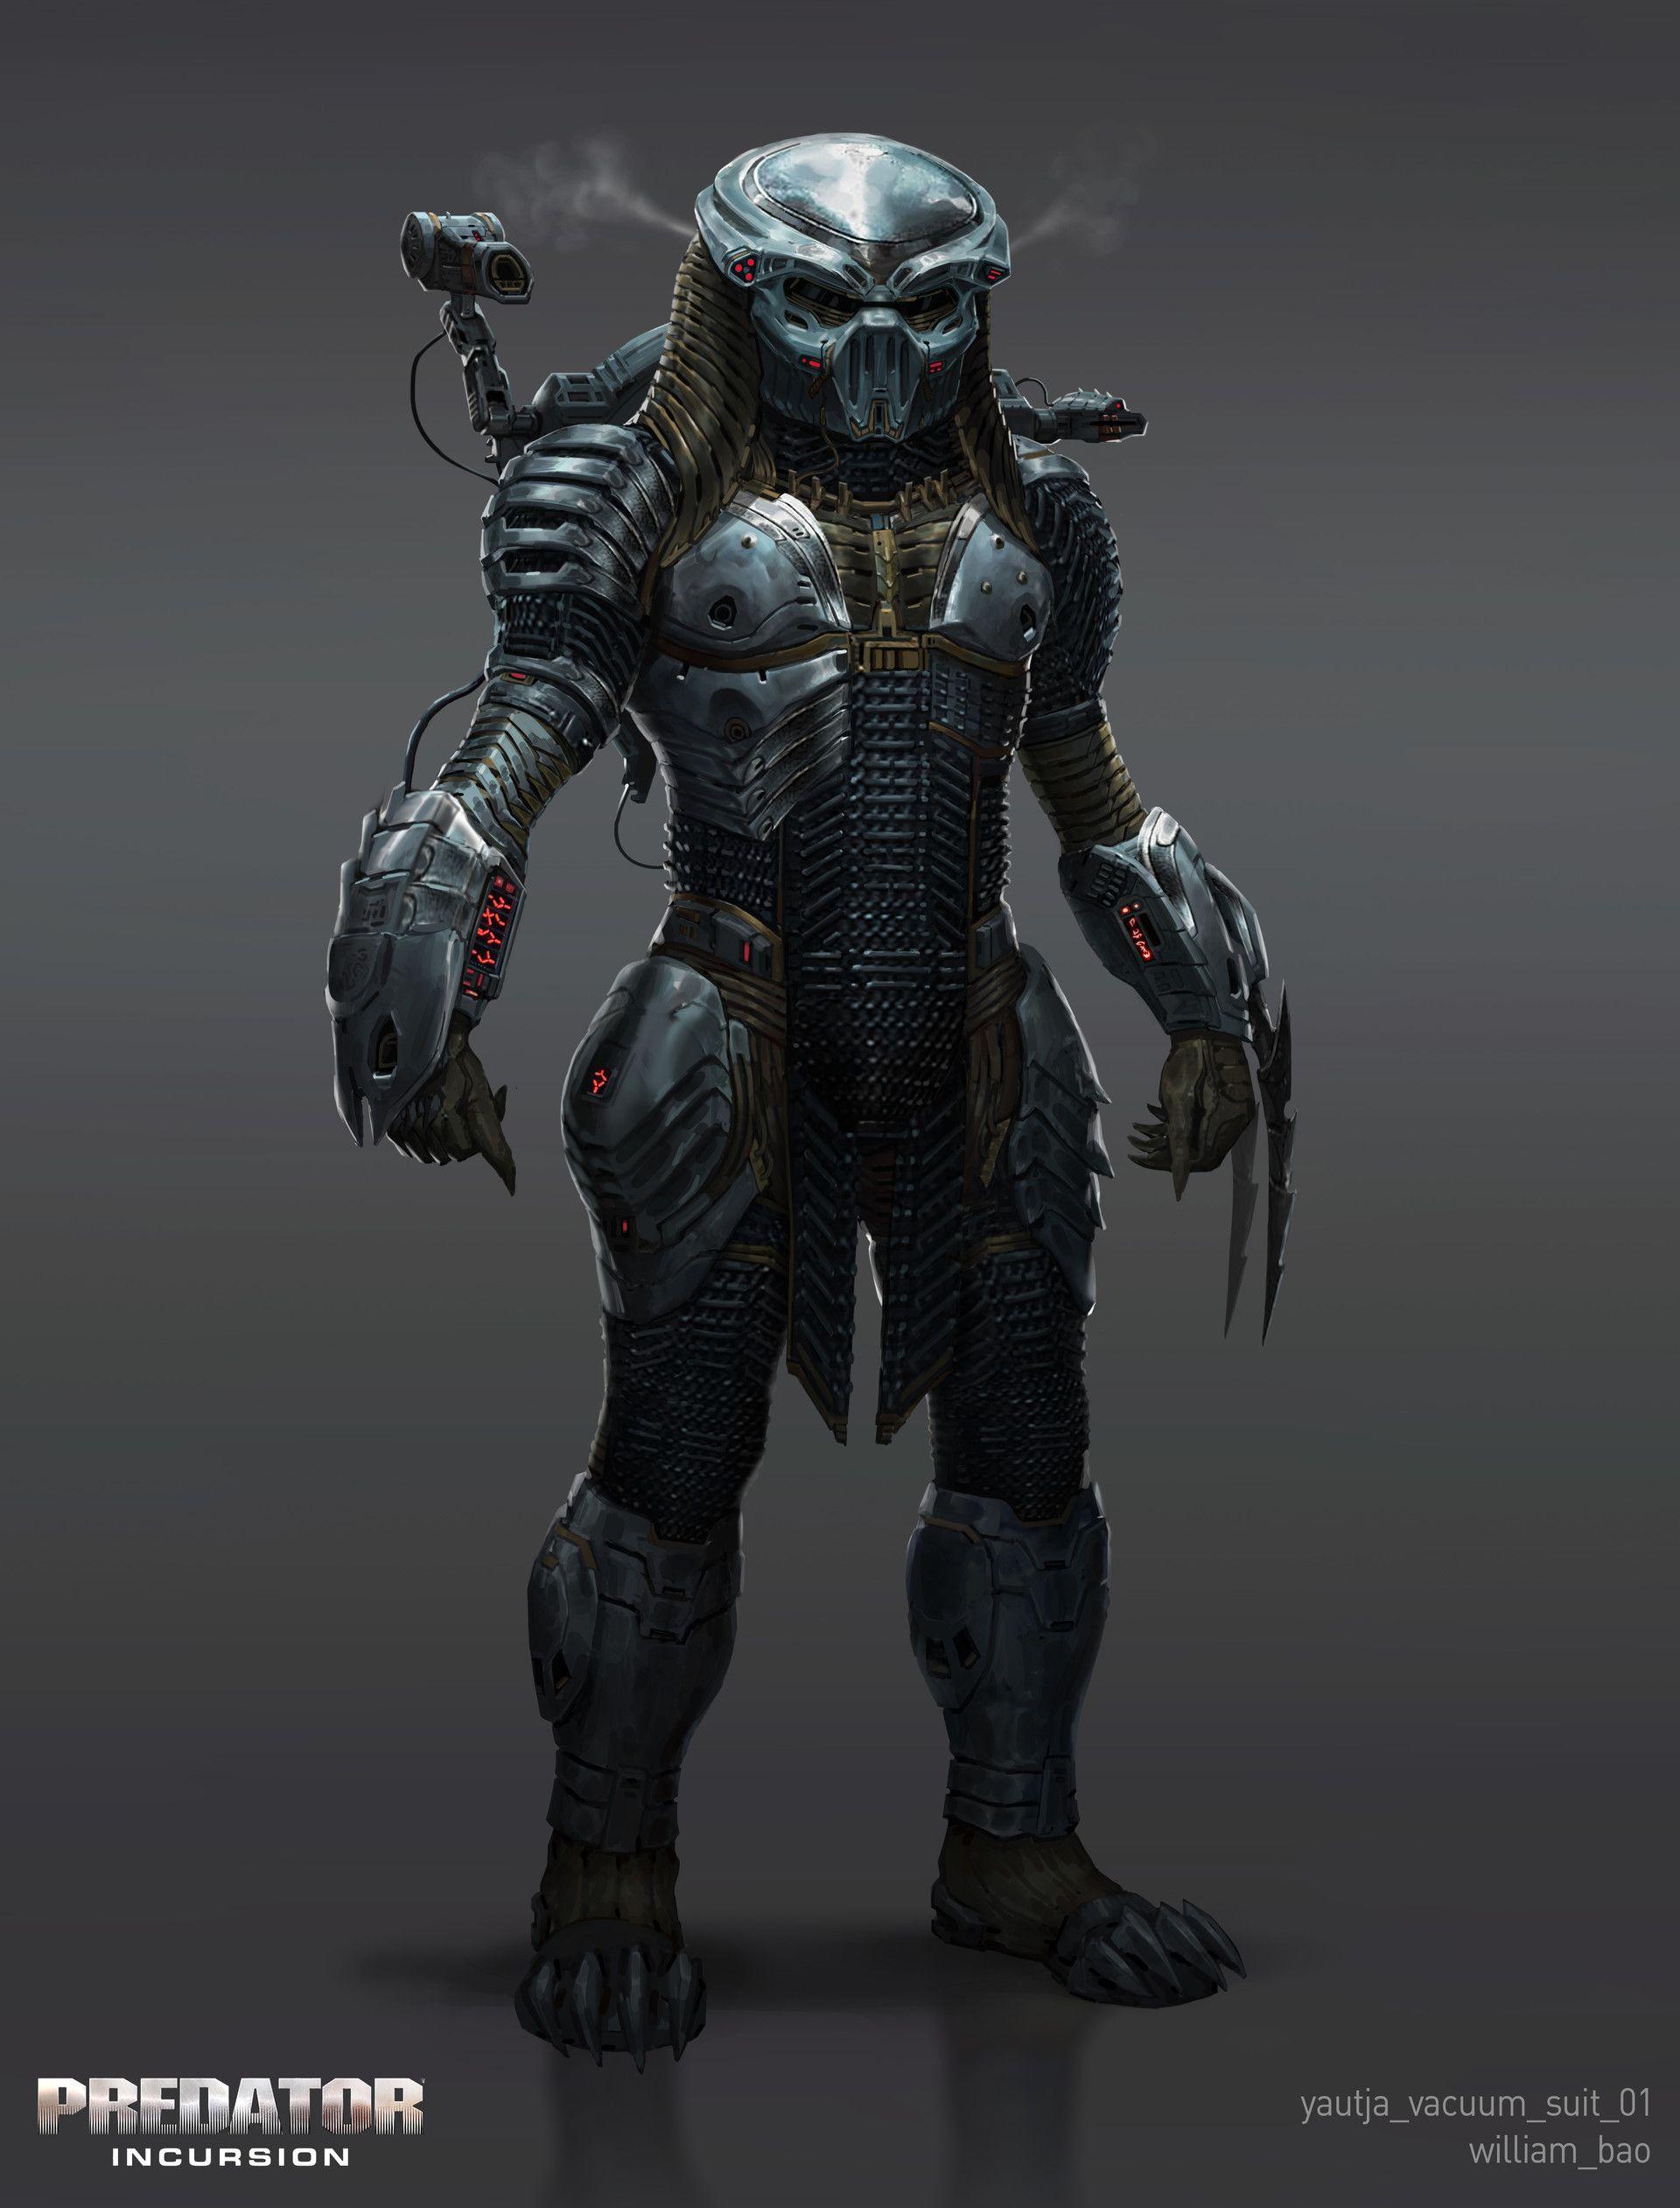 ArtStation - Predator: Incursion Vacuum Suit, William Bao | Awesome